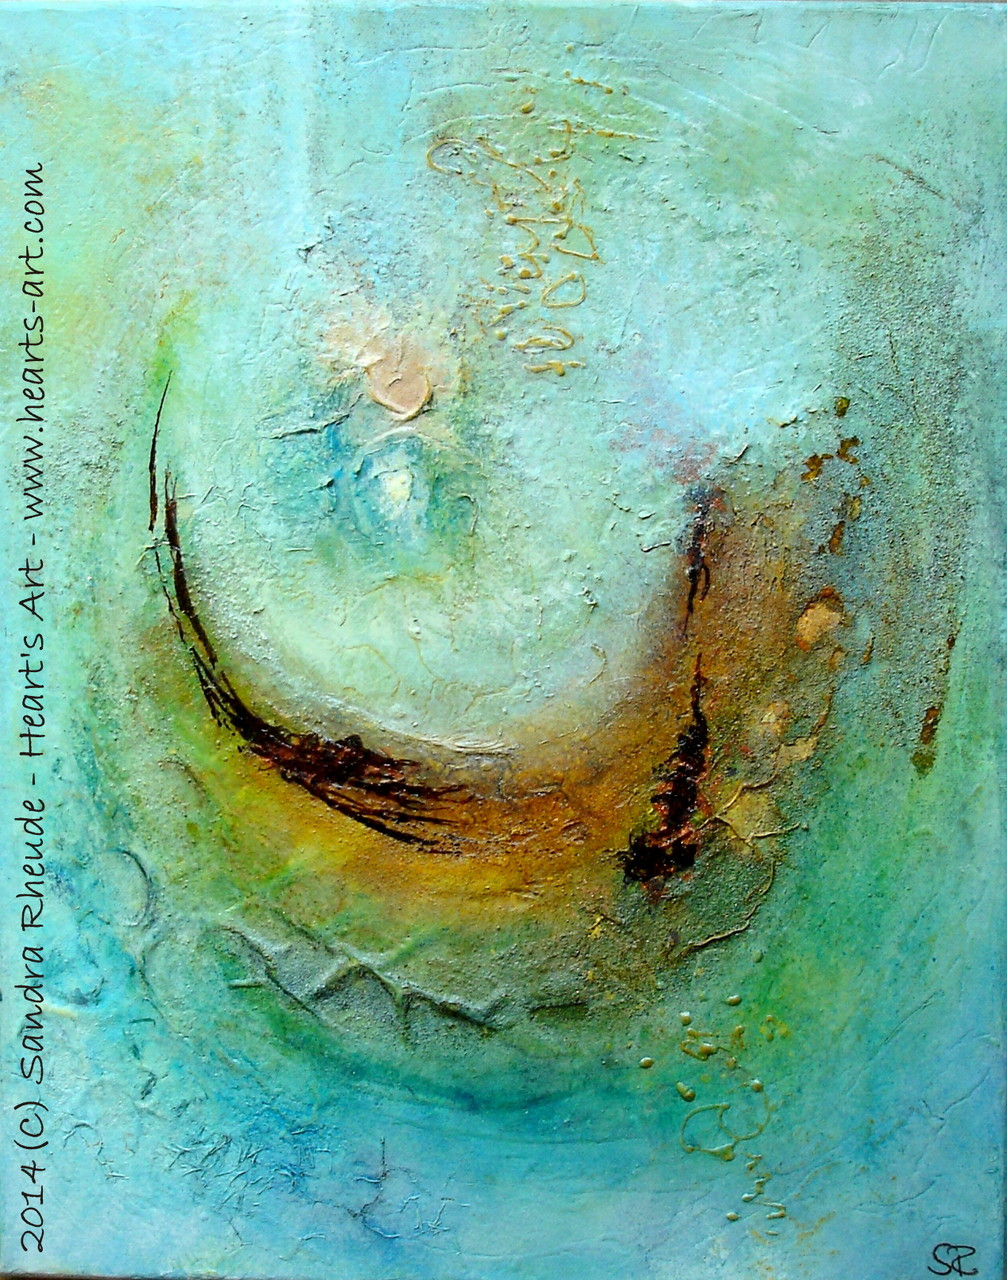 'Aufbruch' - 2014/31 - Acryl/MixedMedia auf Leinwand - 30 x 40 cm - € 270